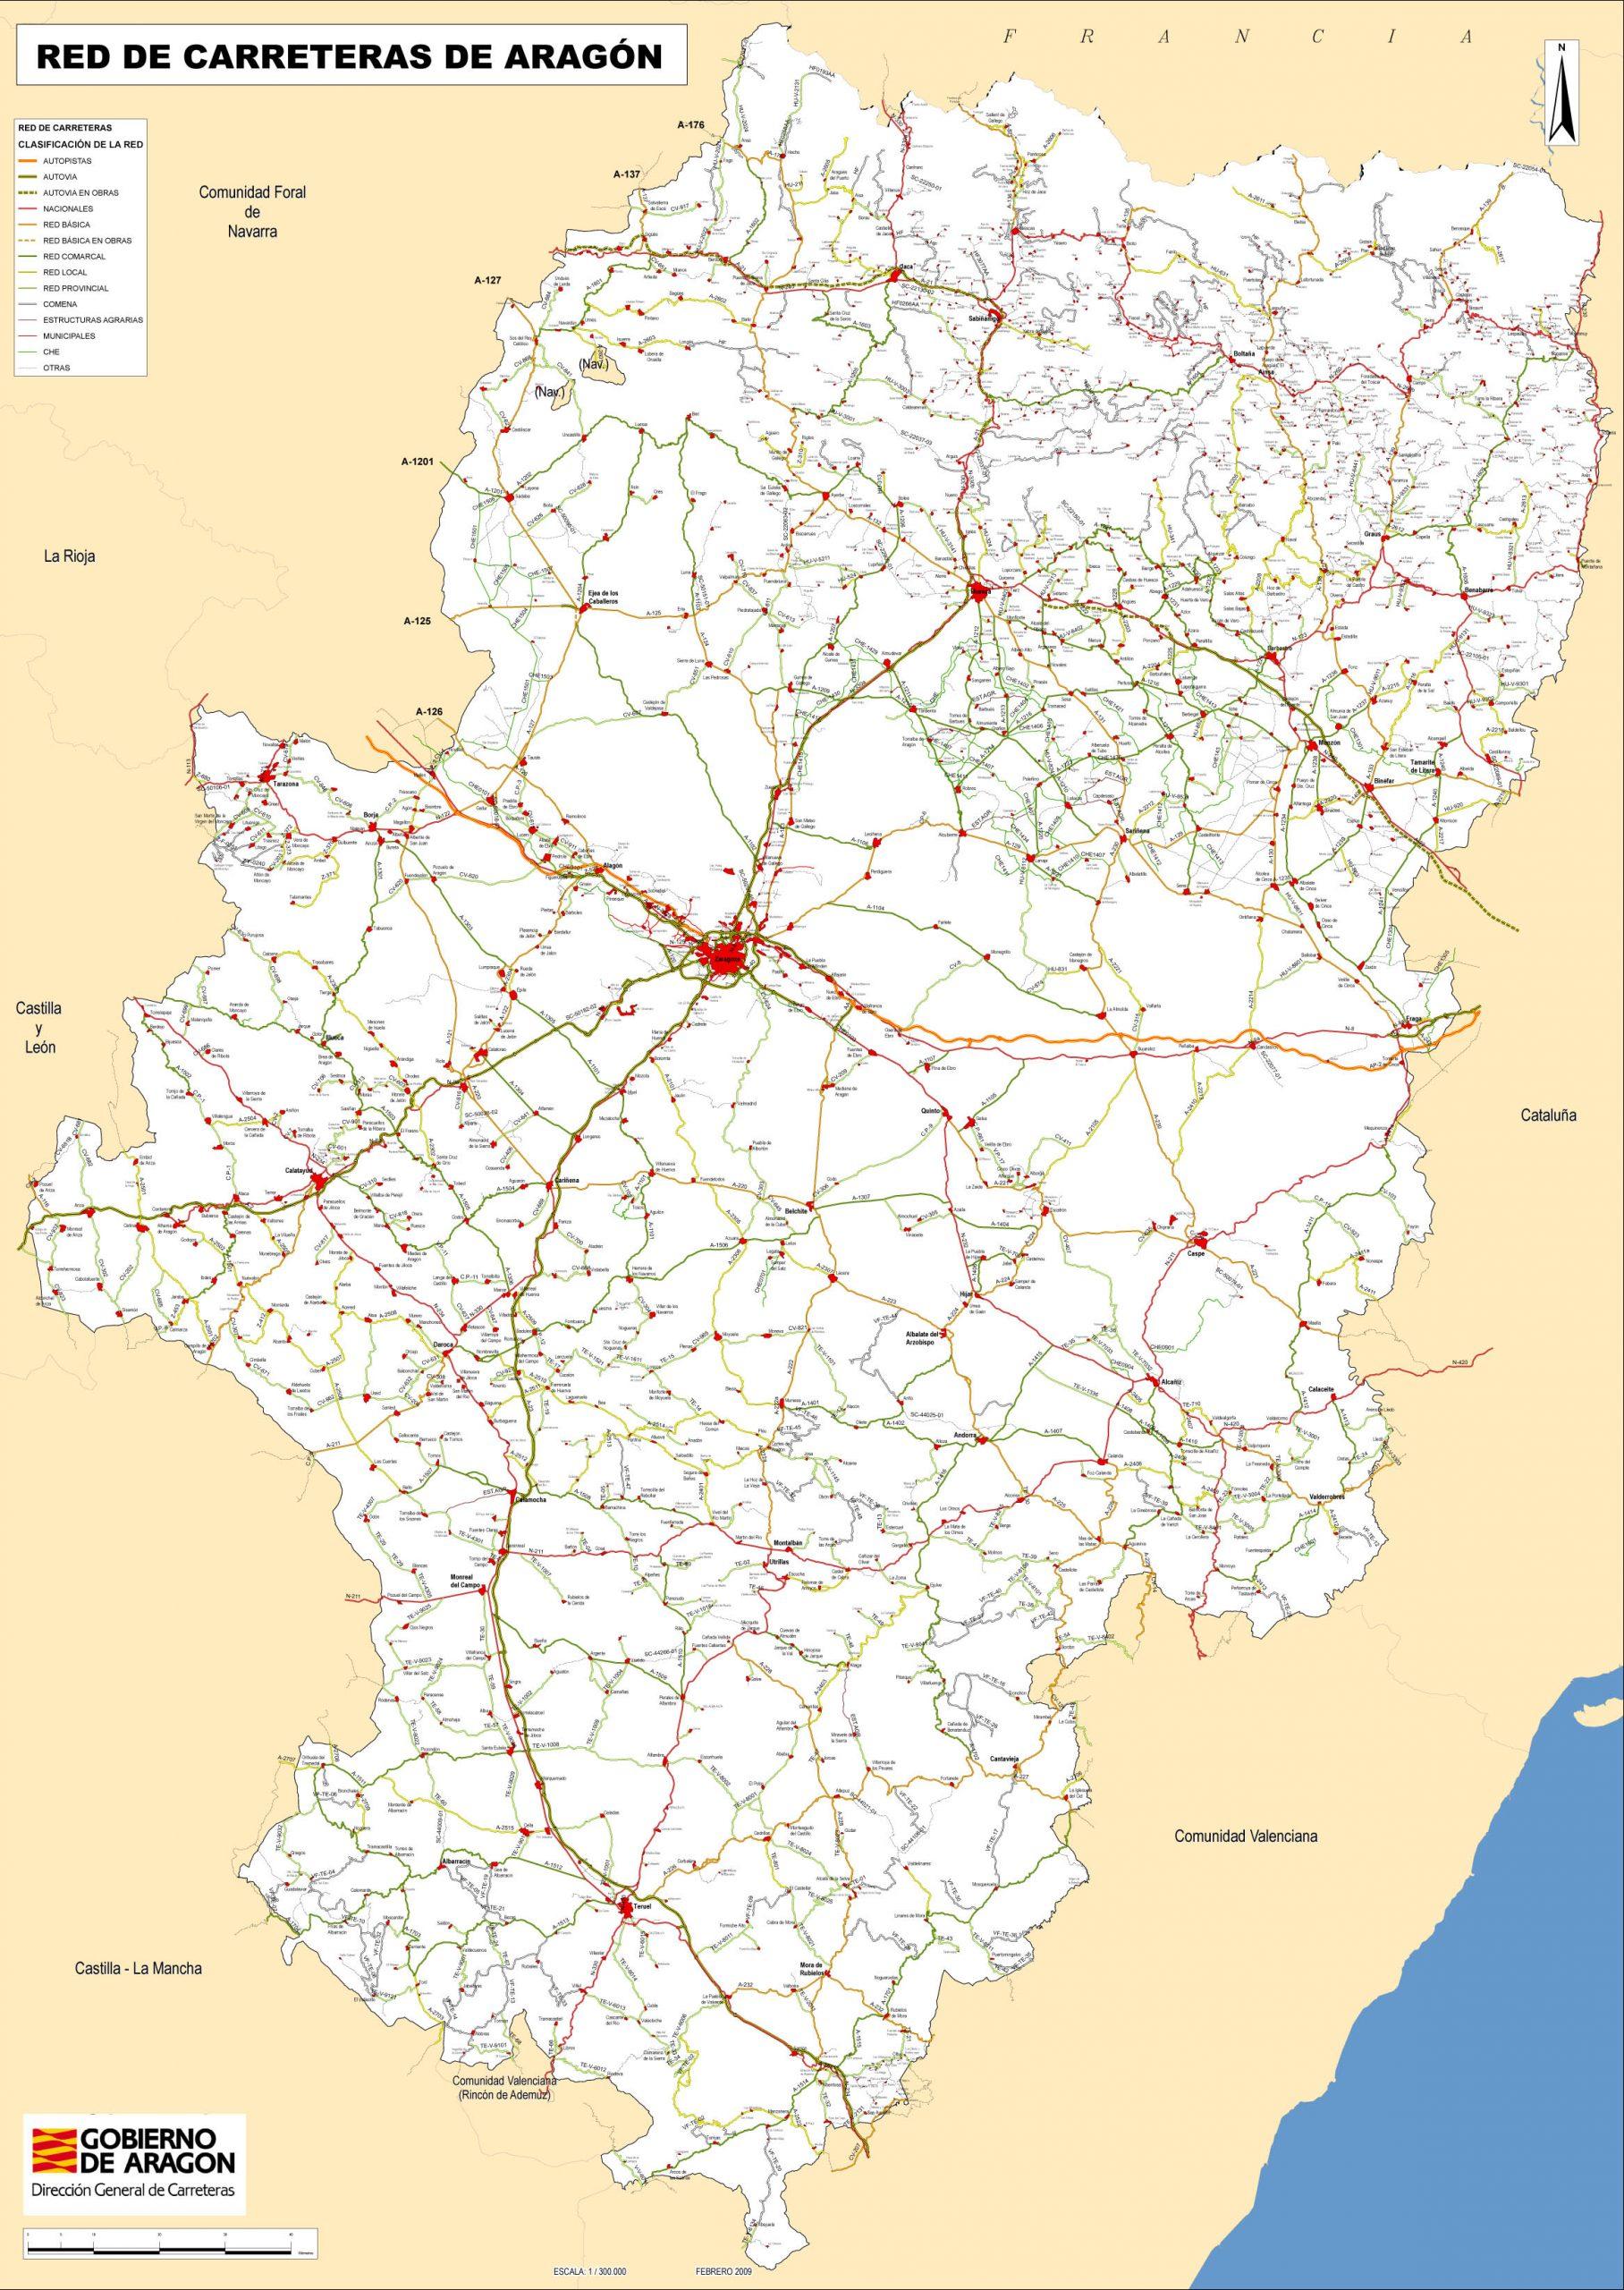 Plano de Aragón: Mapa de Carreteras de Aragón